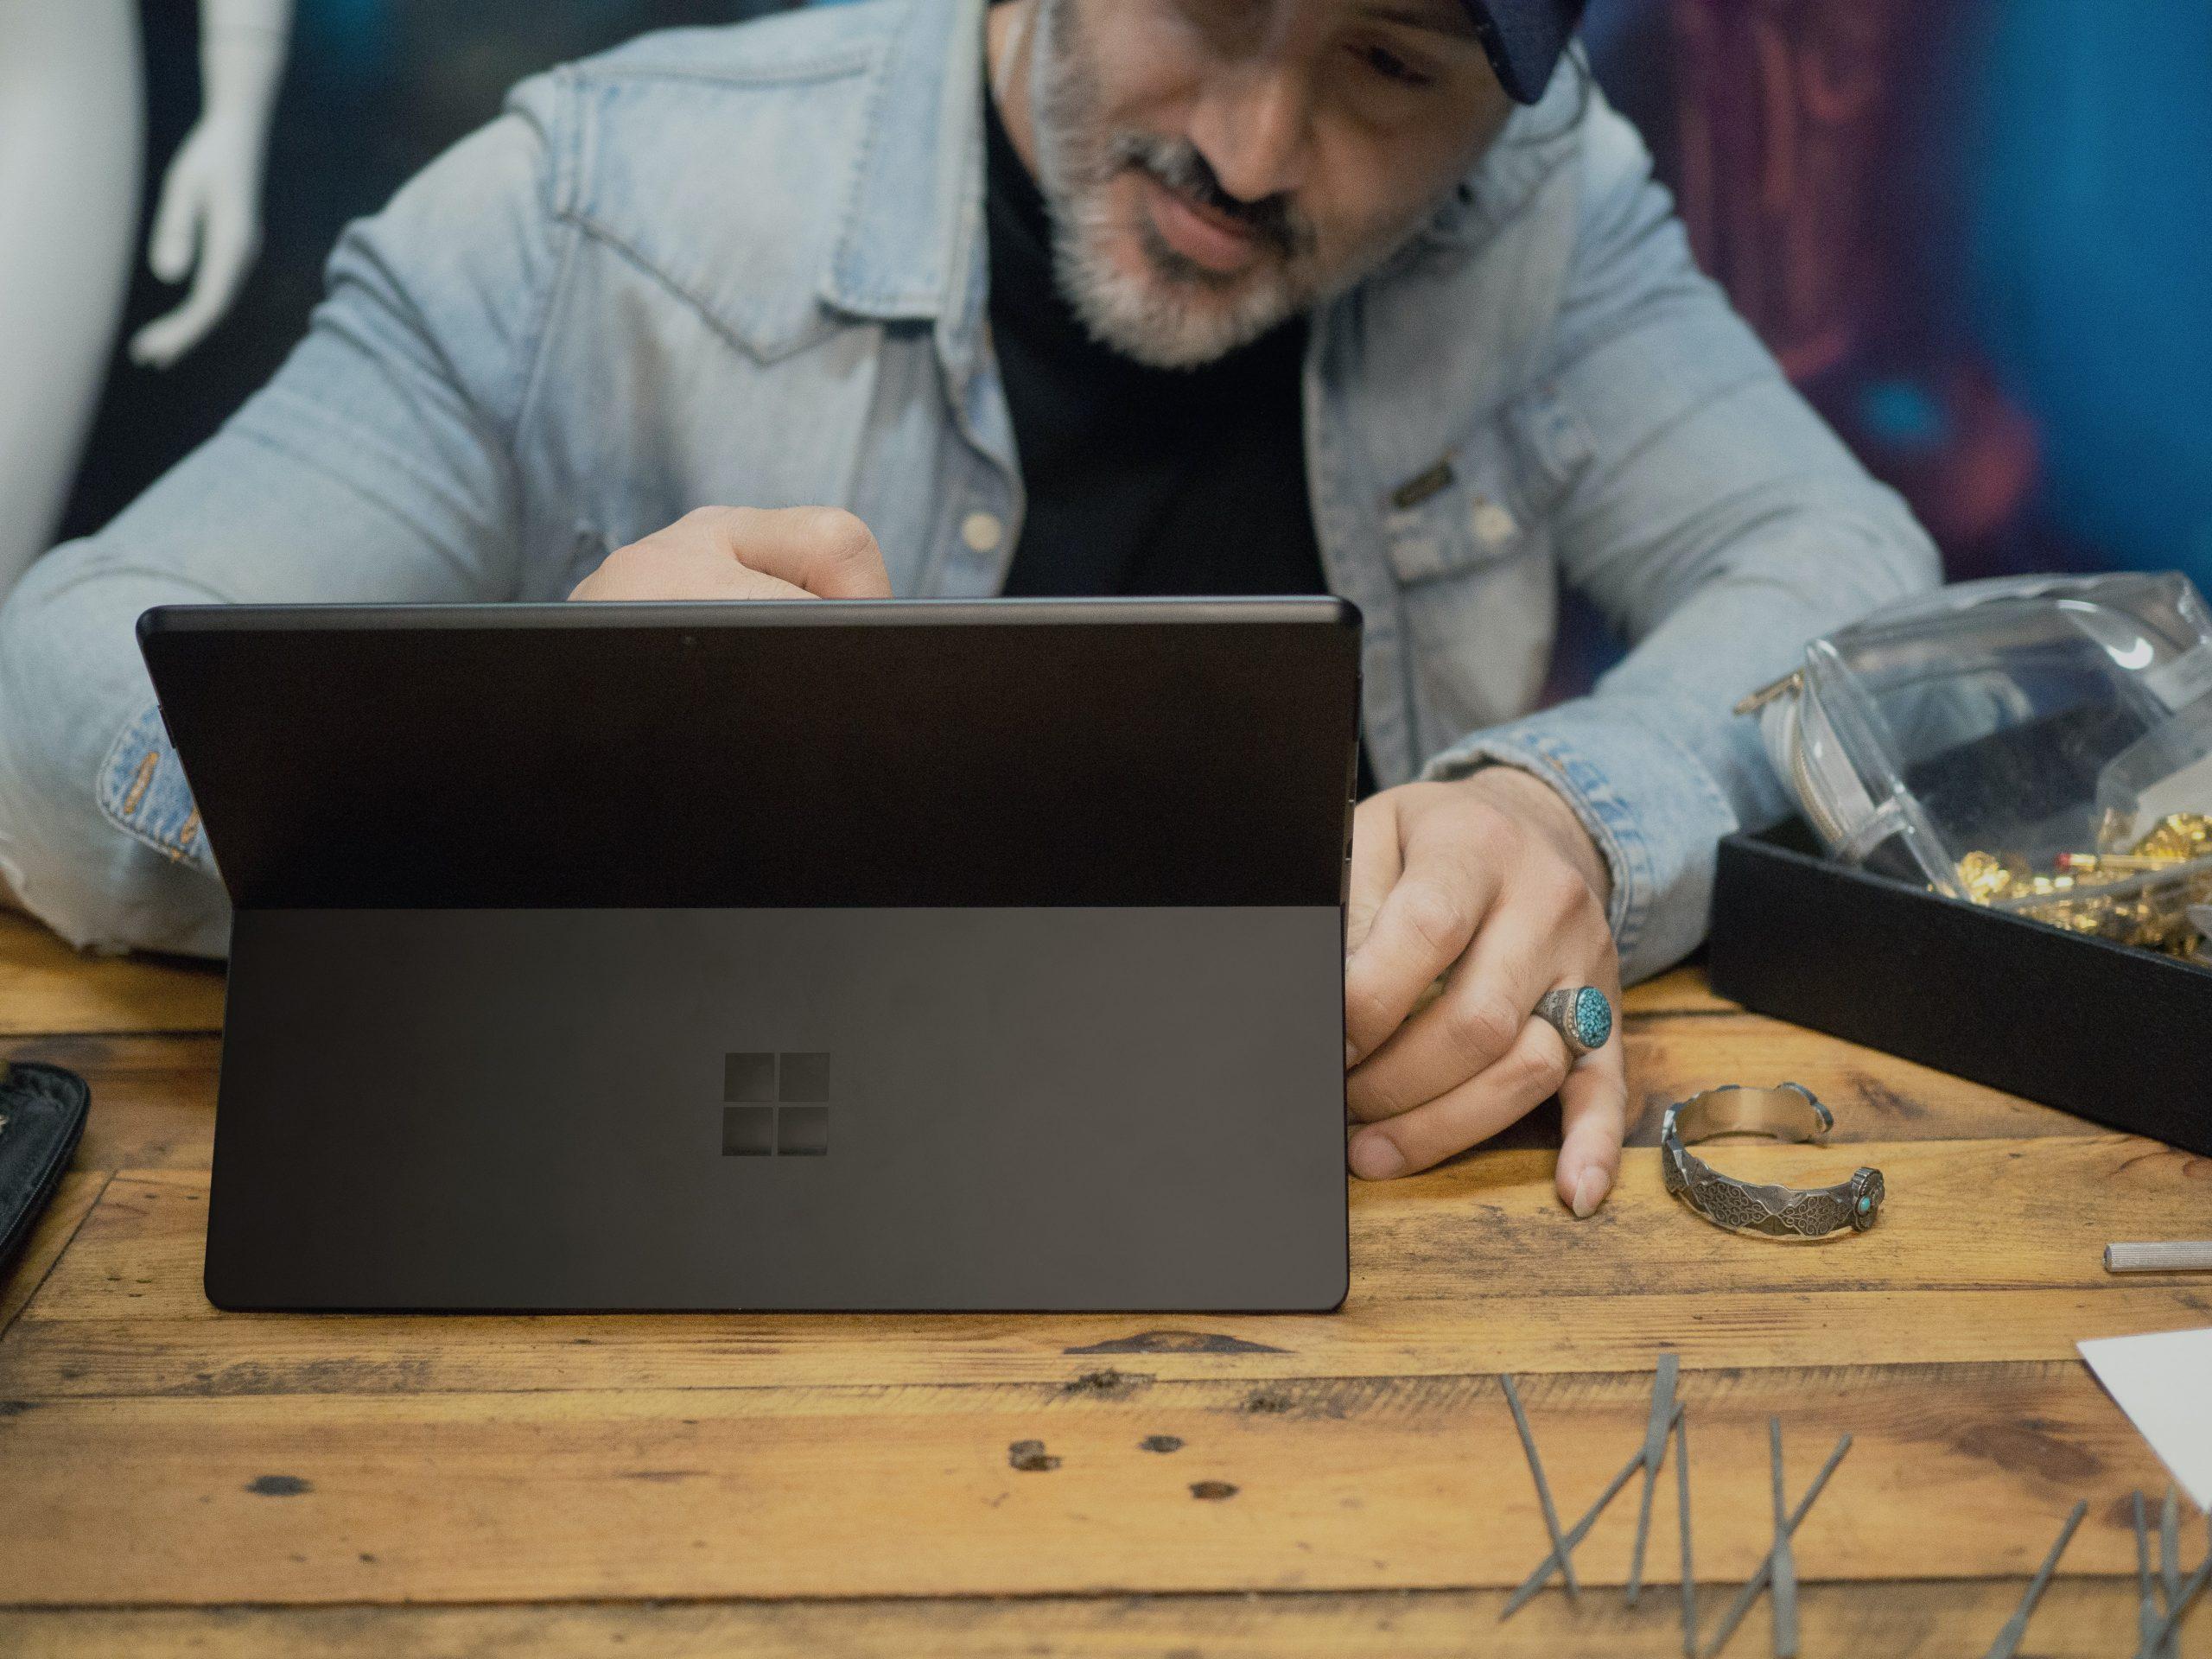 Persona sentada usando una tablet con teclado